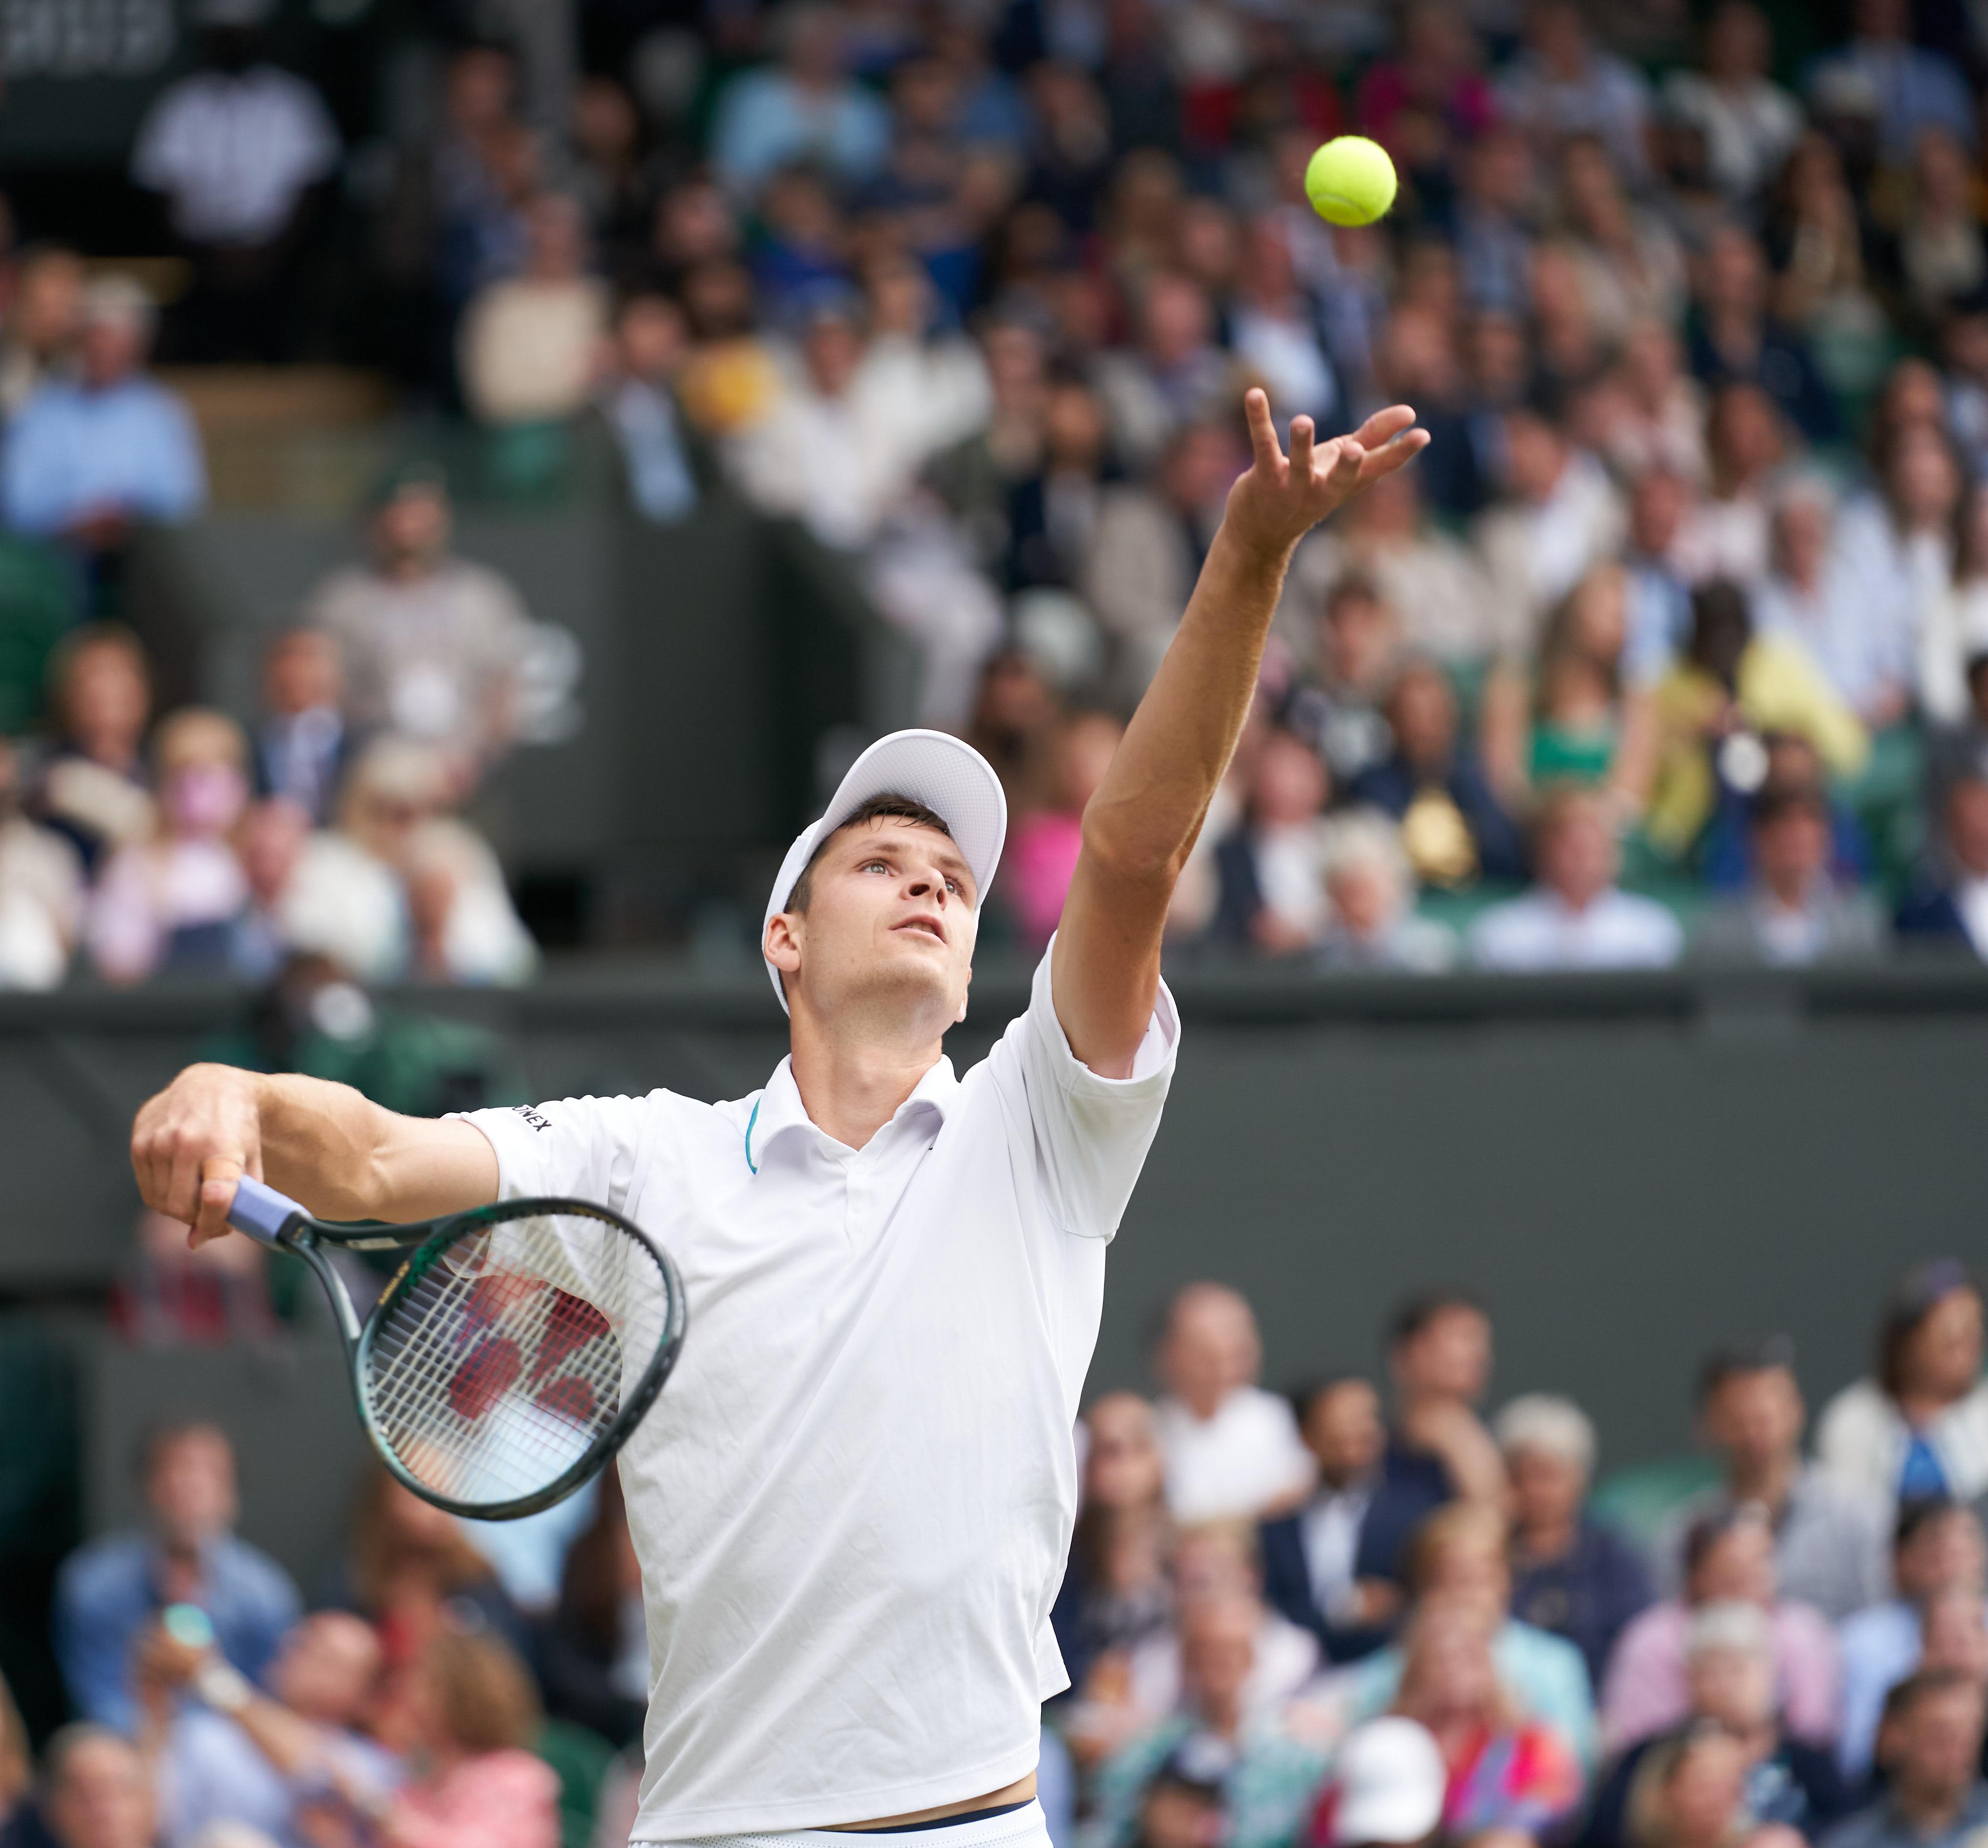 Semi-finals set at Wimbledon